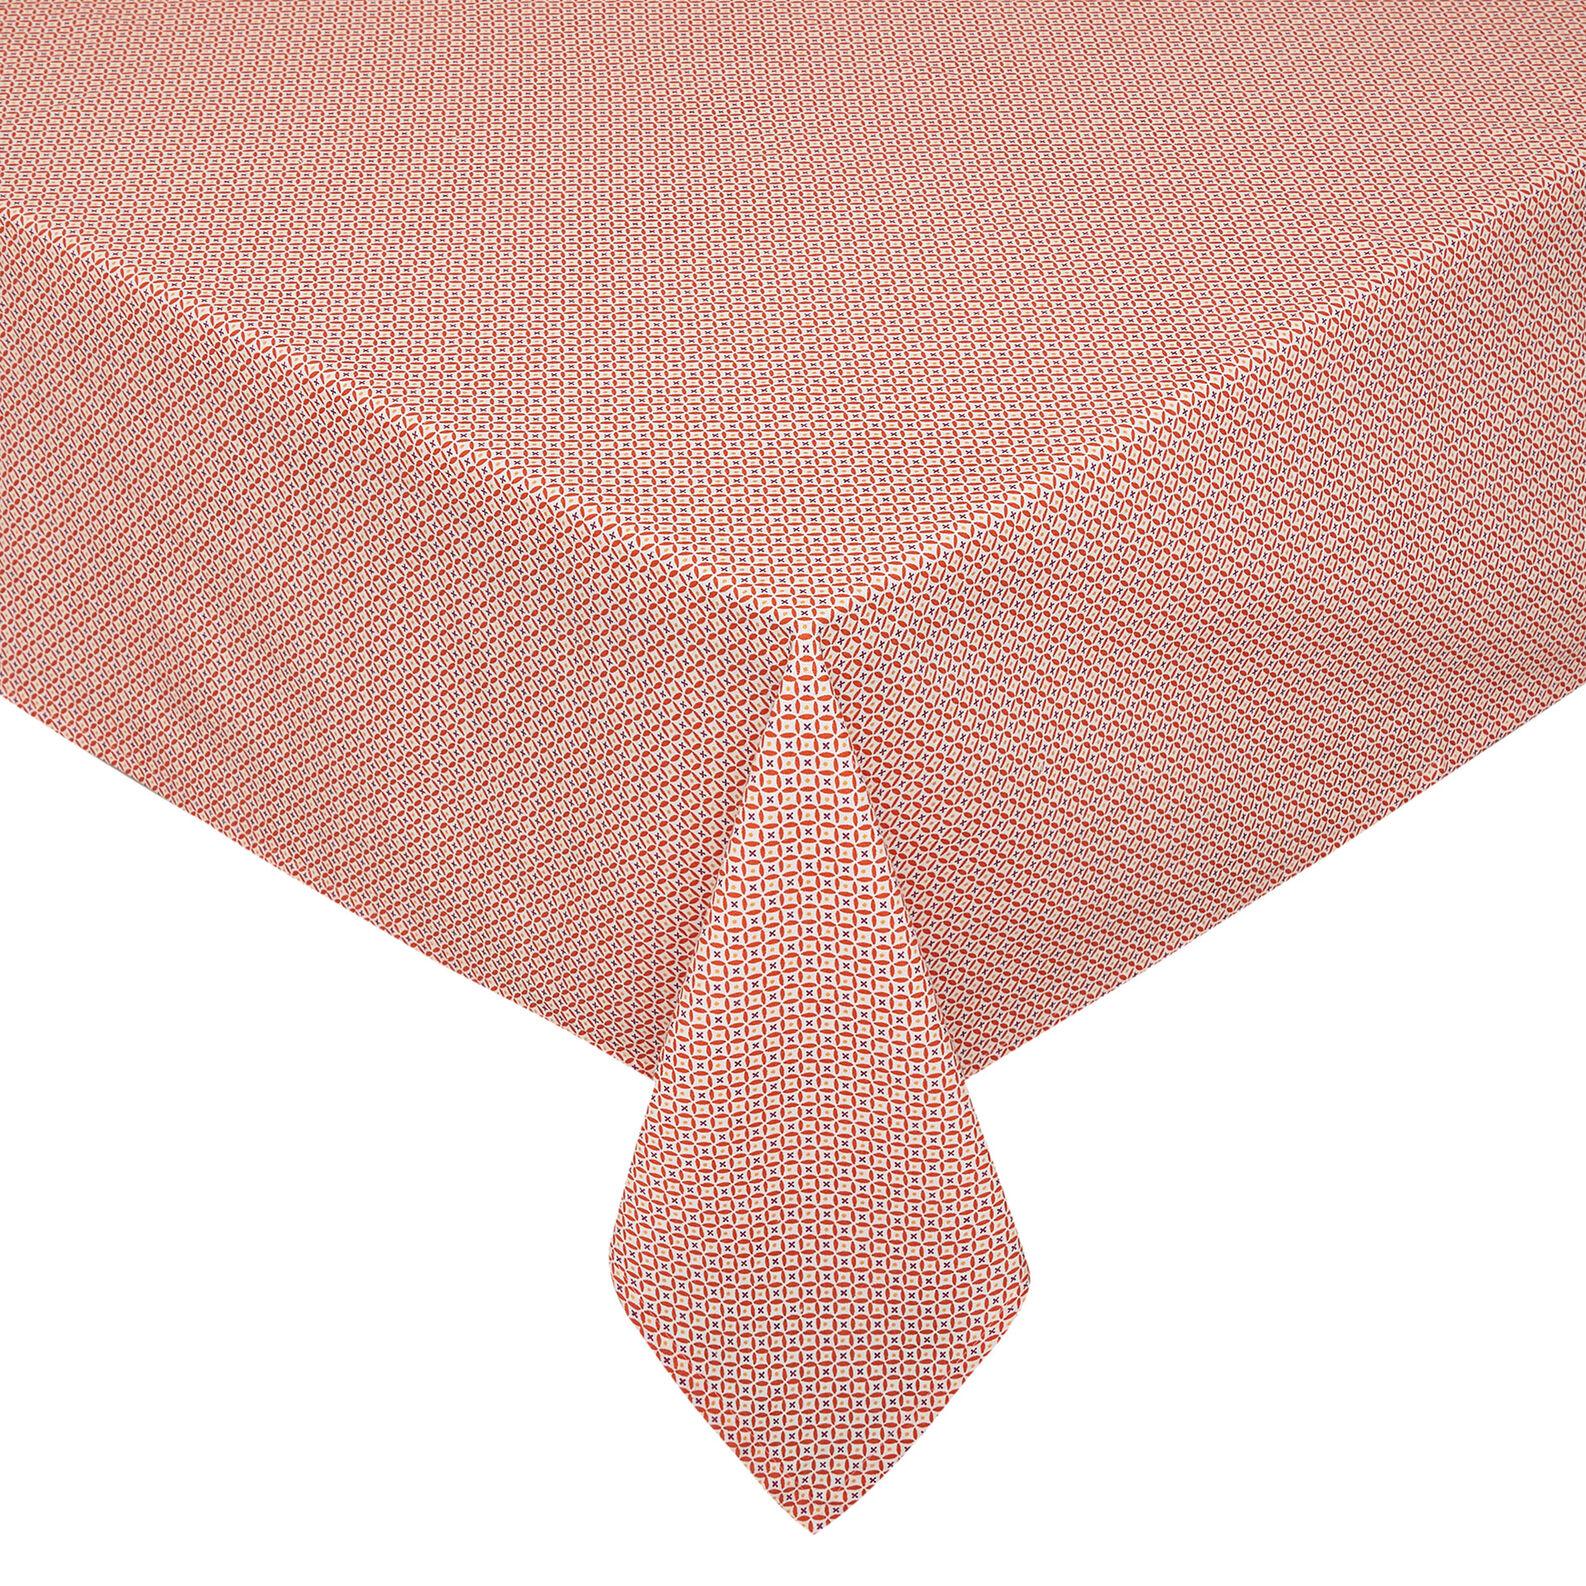 Tovaglia puro cotone stampa diamanti